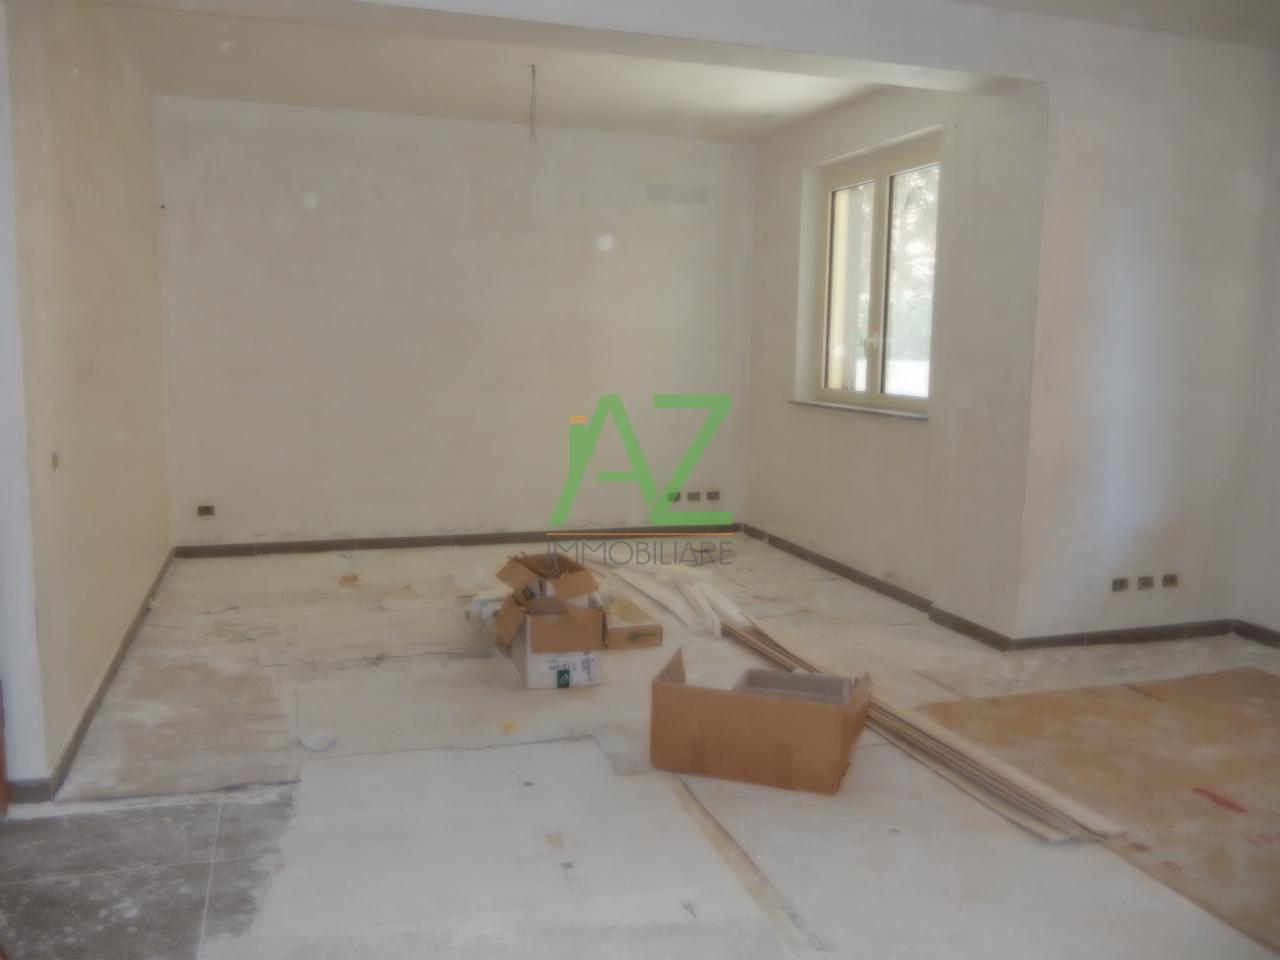 Ufficio / Studio in Vendita a Acireale